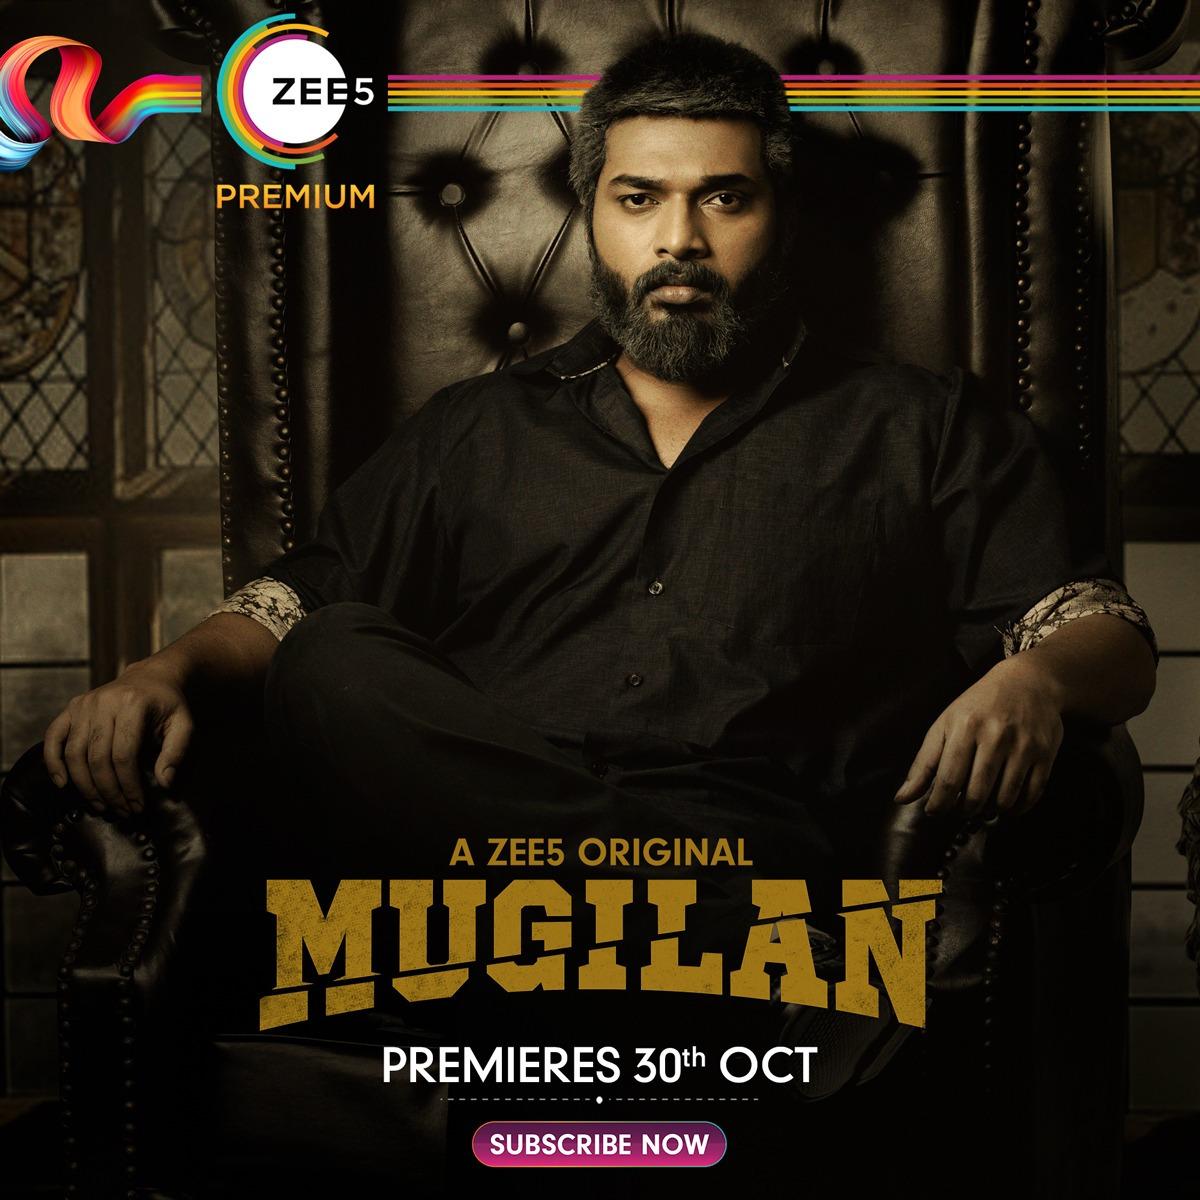 Actor Karthik Raj Mugilan Web Series from ZEE5 premieres on Oct 30th